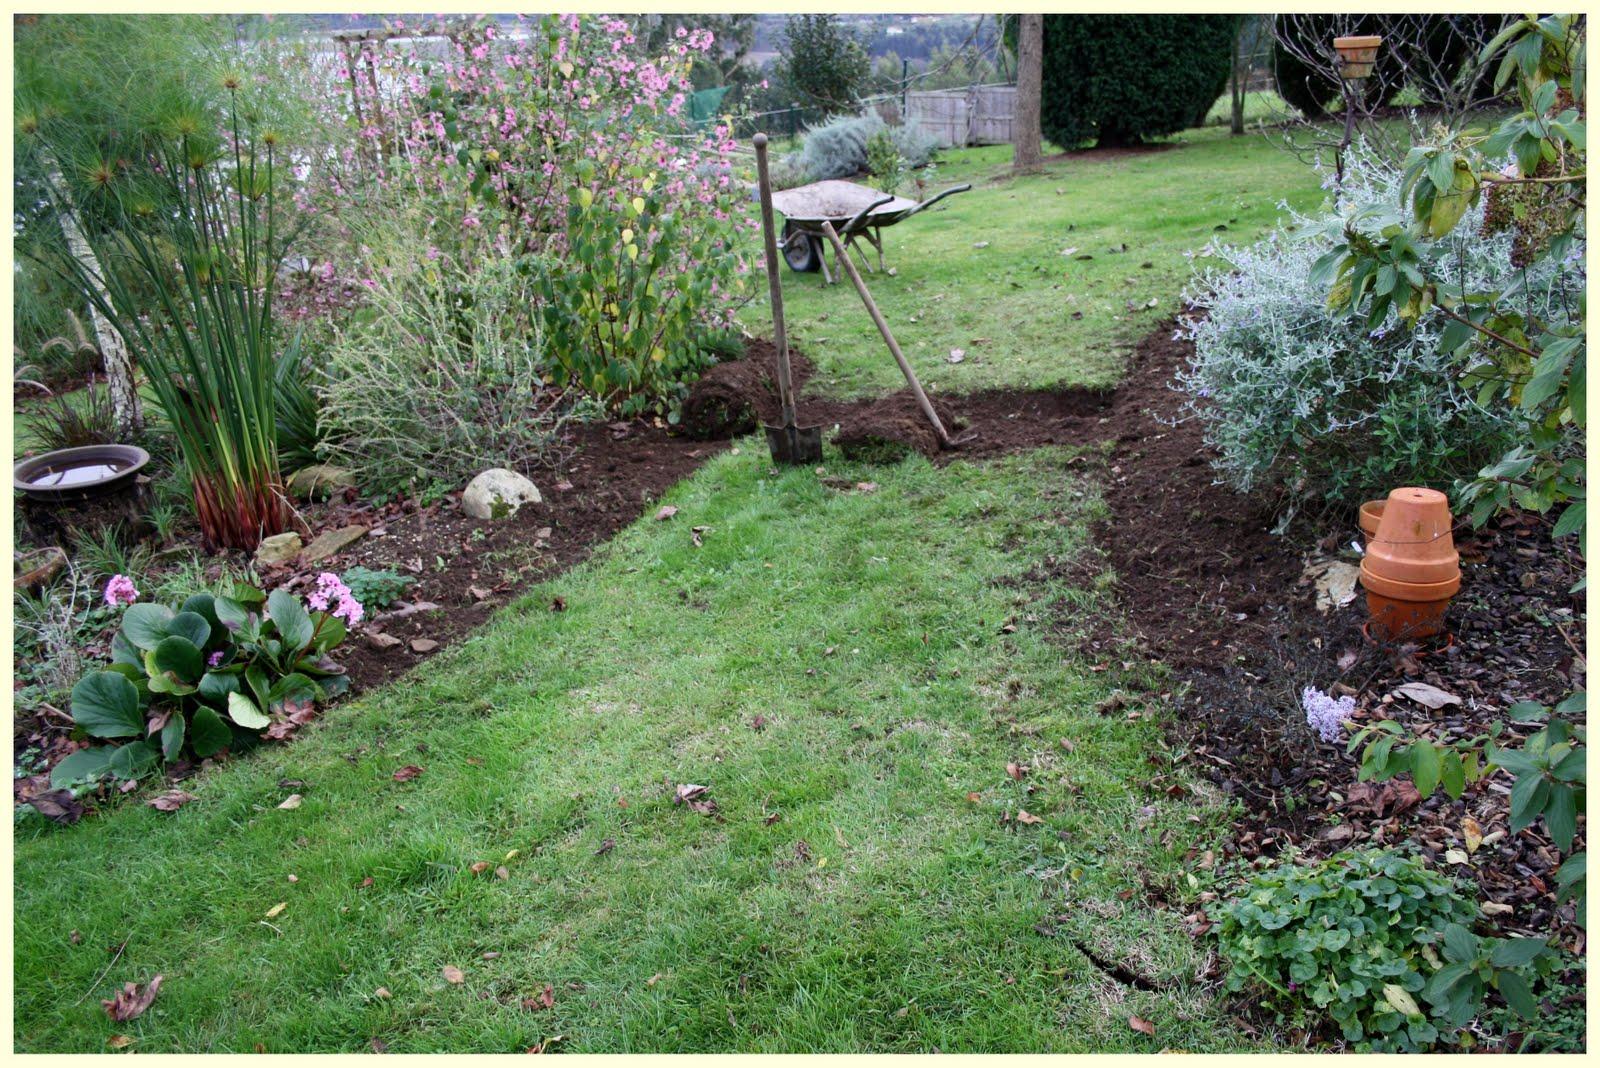 El jard n de margarita como allanar un terreno inclinado - Ideas para jardines pequenos fotos ...